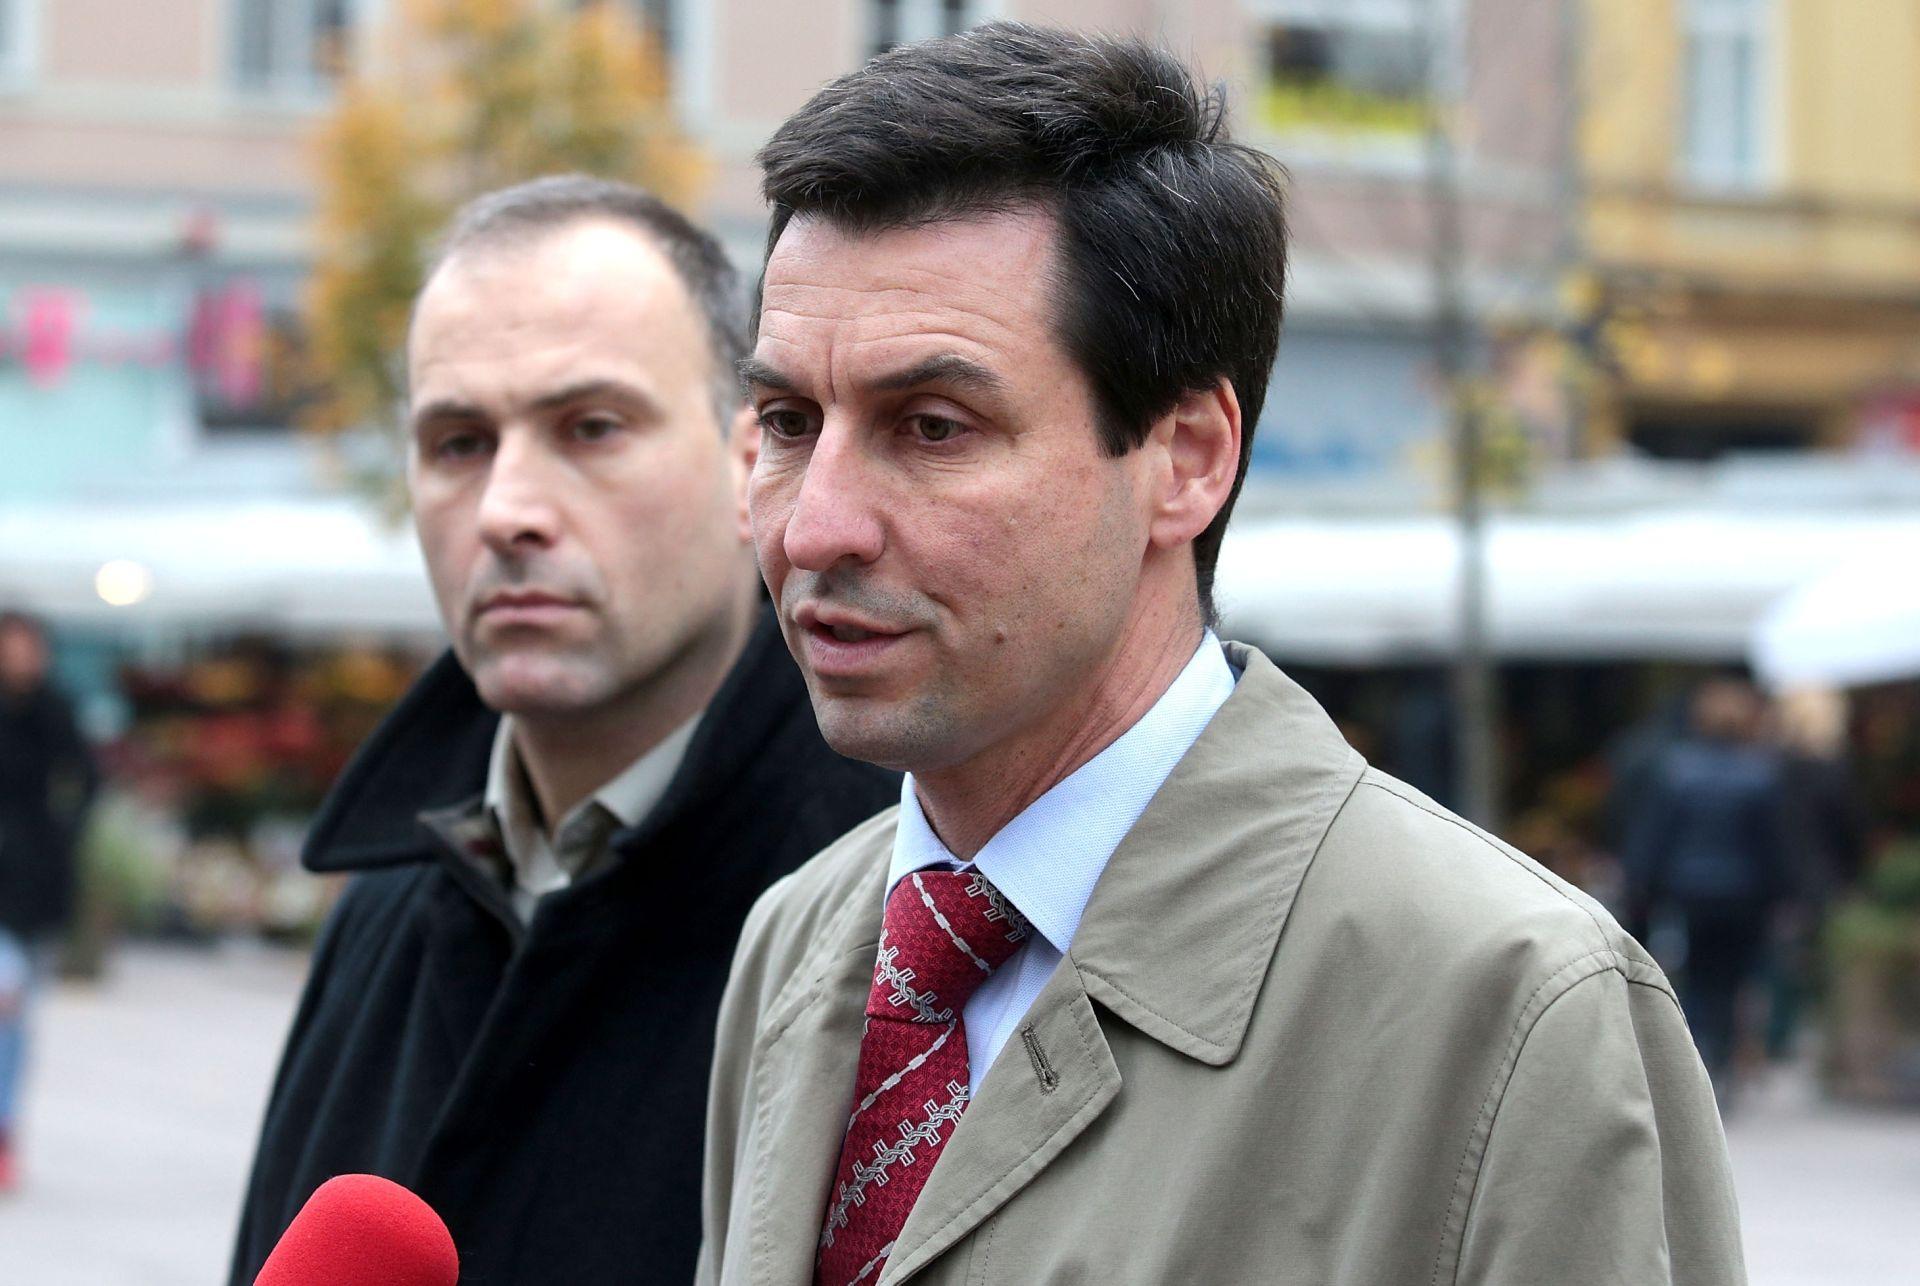 SUKOBI UNUTAR KOALICIJE: Hrast odbio potpisati zahtjev za opoziv Oreškovića